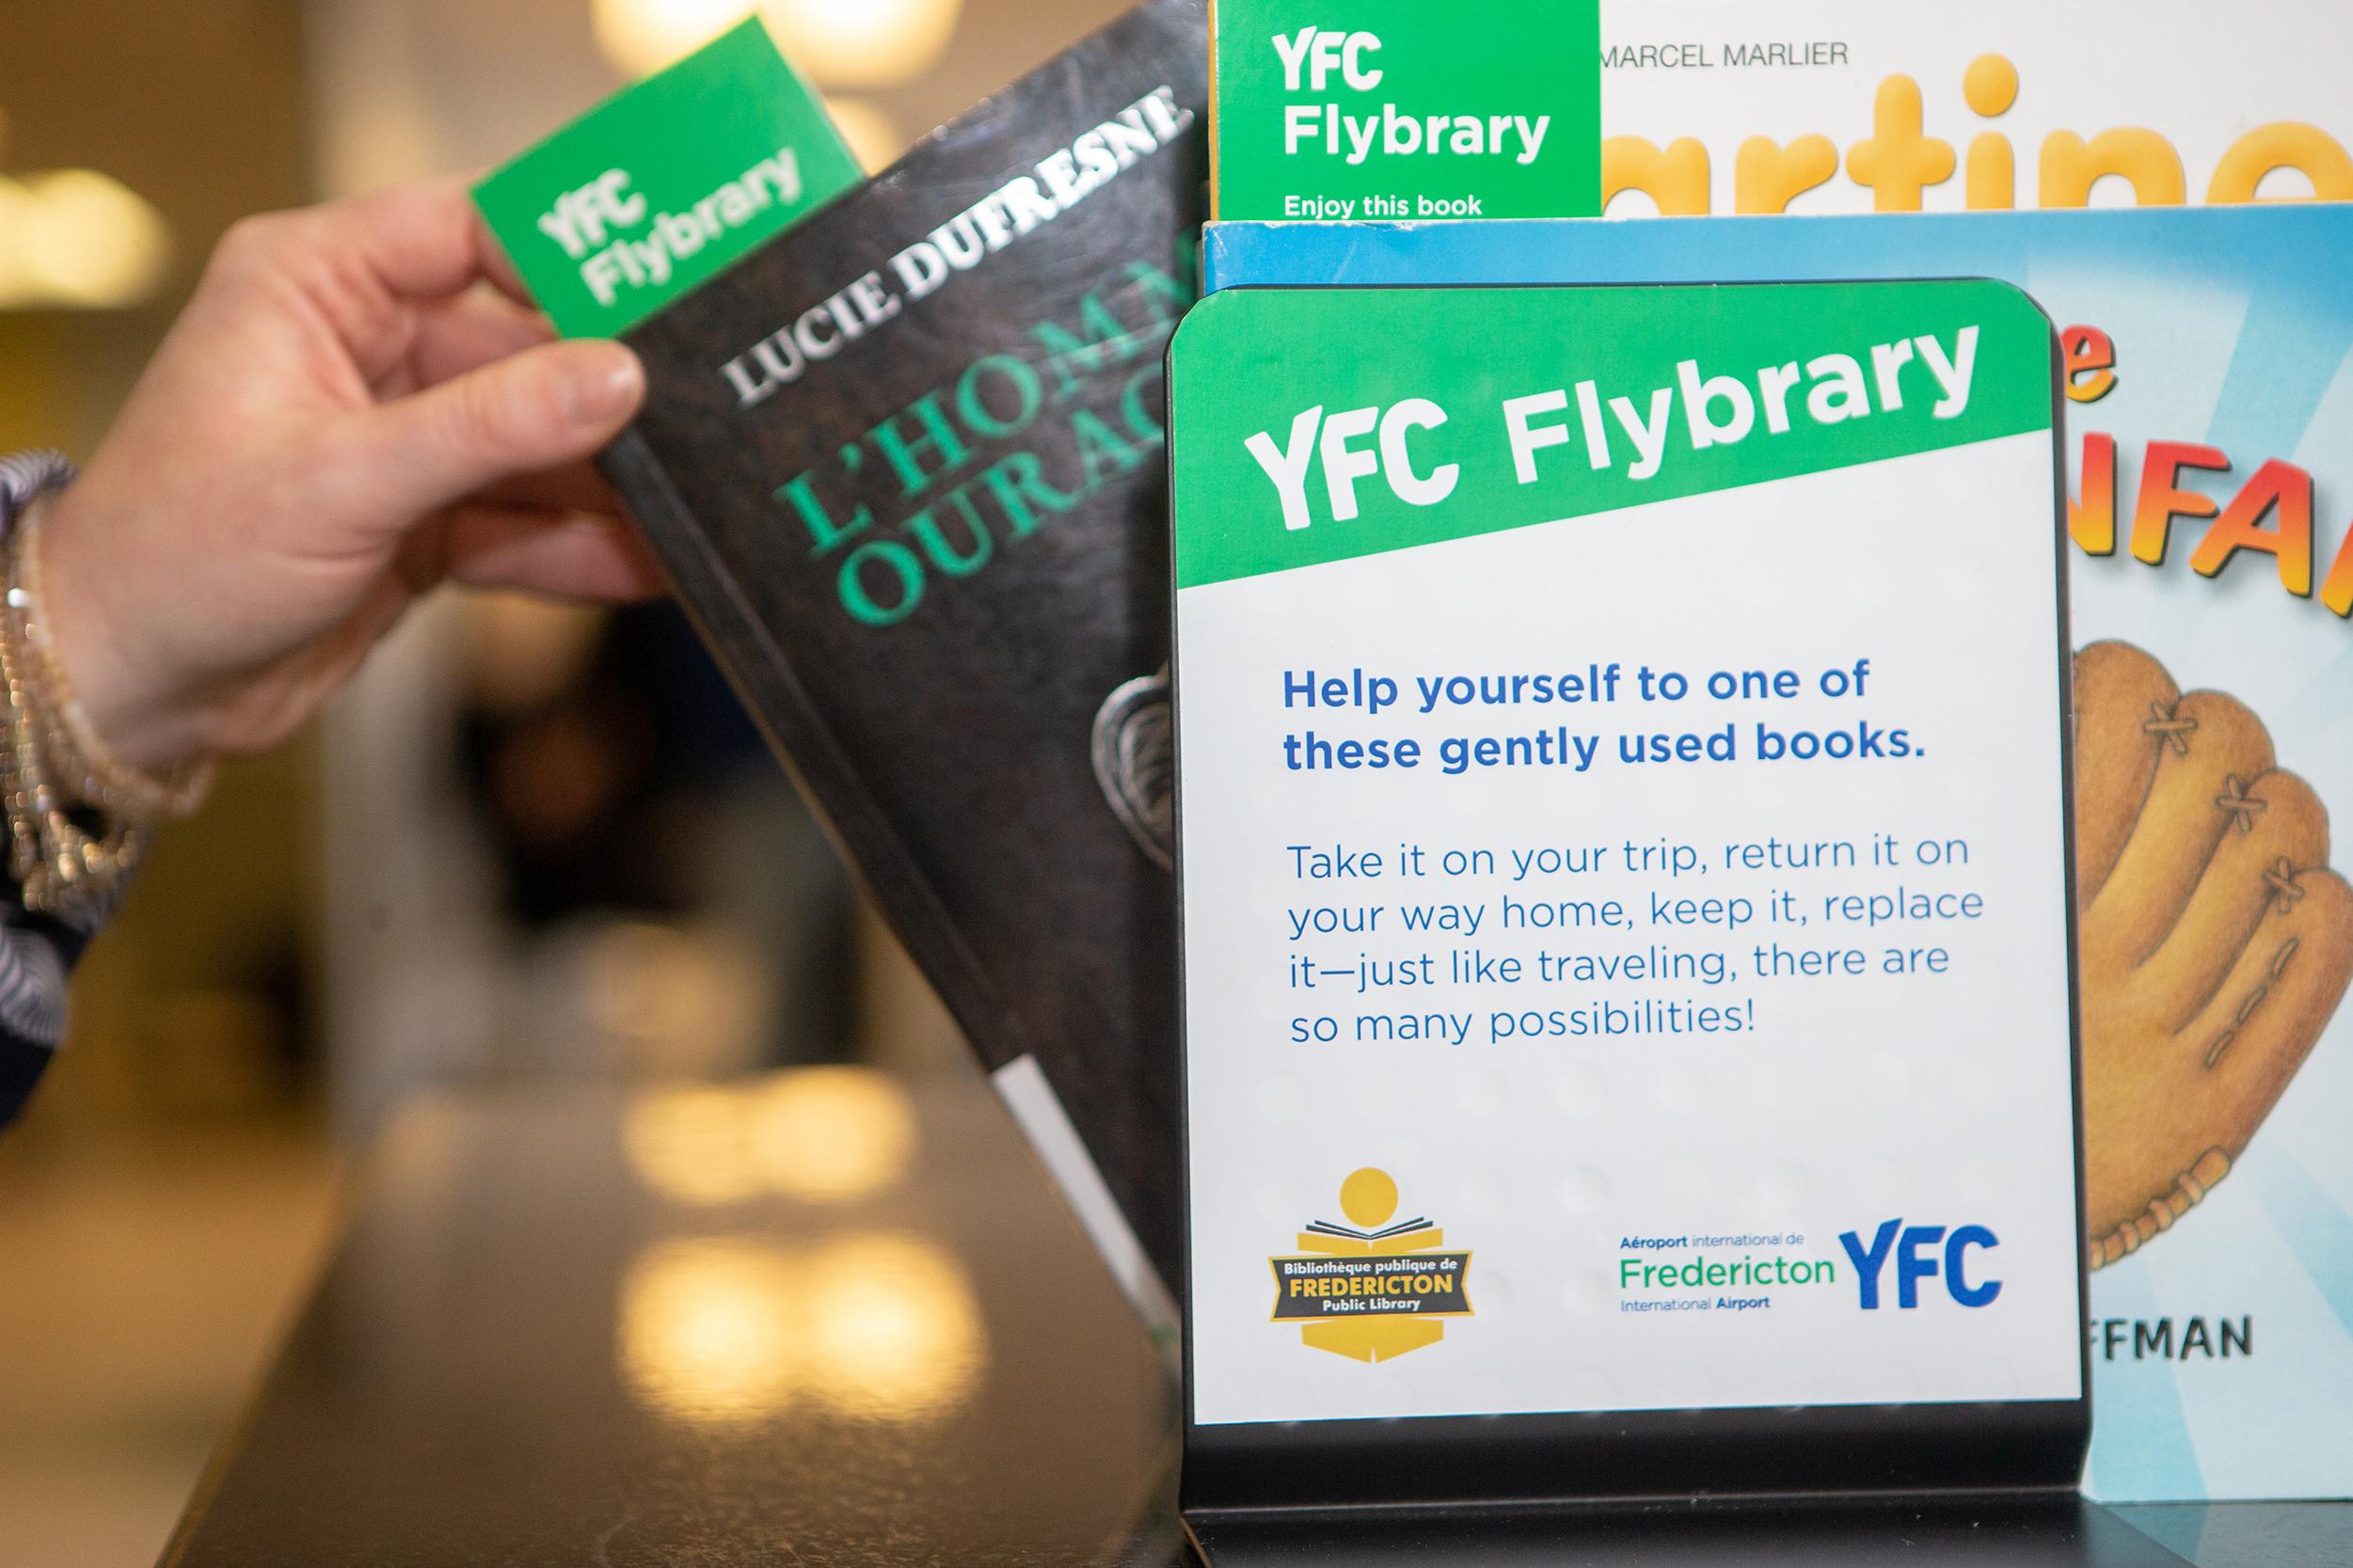 YFC FLYBRARY